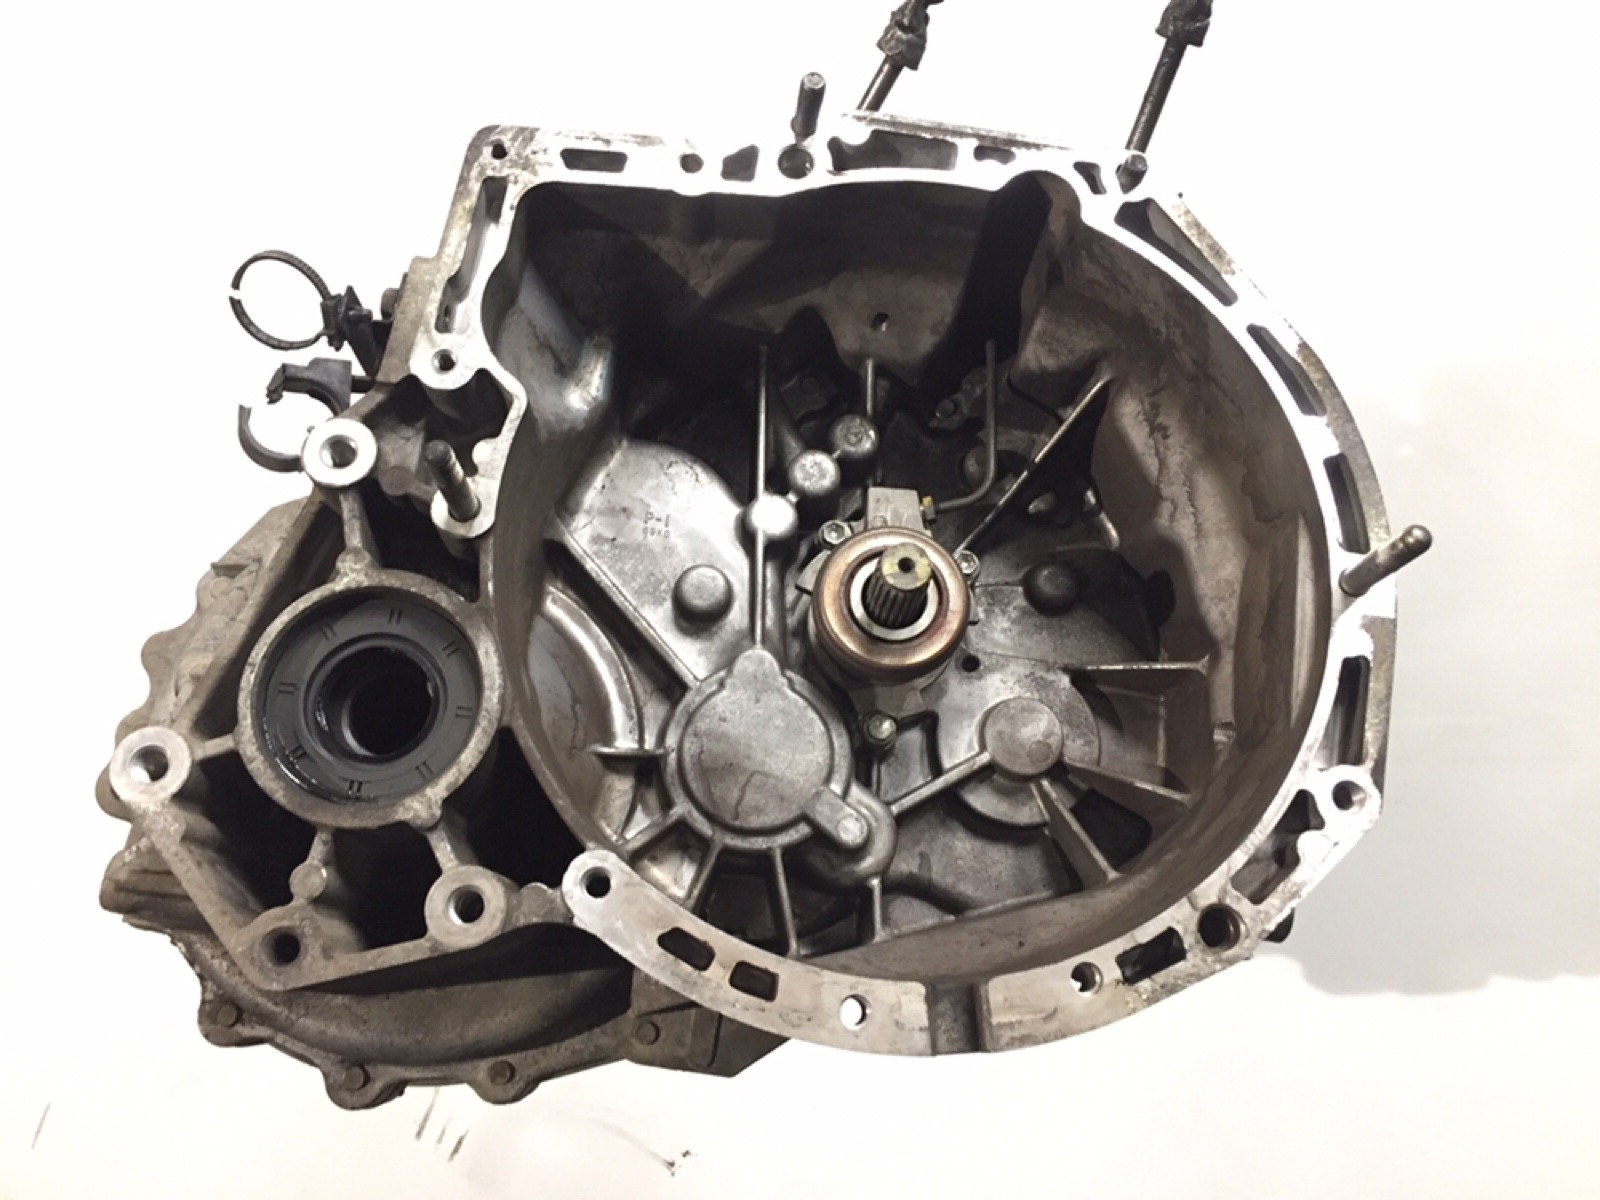 Кпп механическая (мкпп) Suzuki Sx4 1.6 DDIS 2008 (б/у)